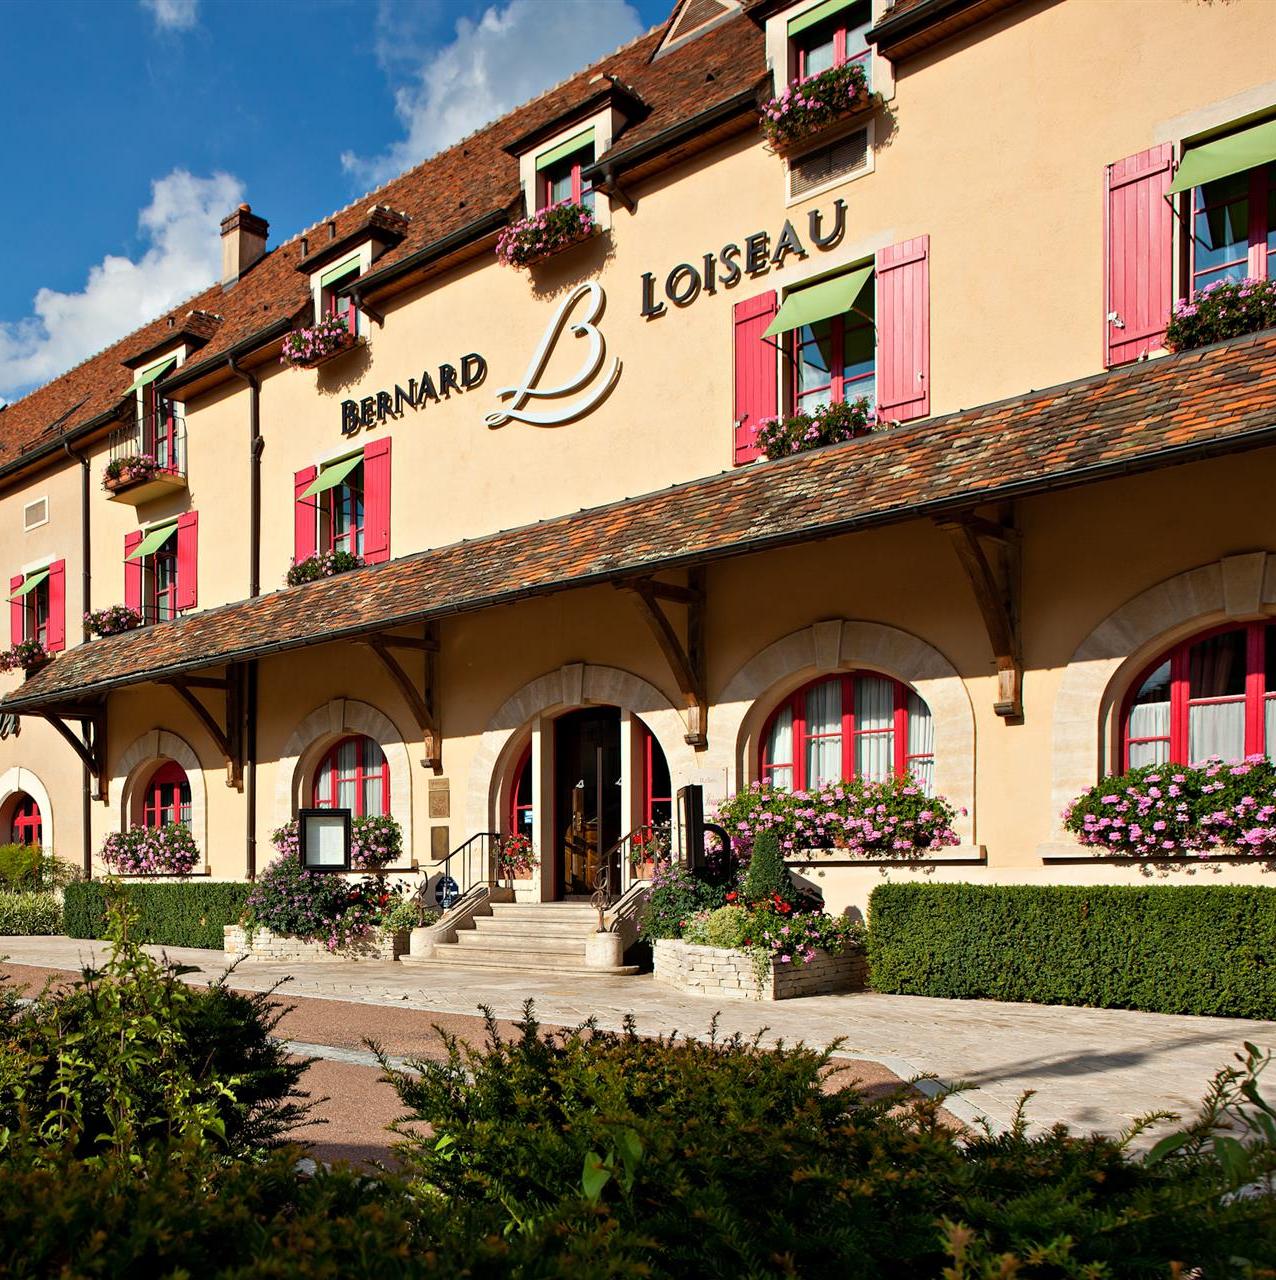 Une nuit pour deux au Relais 5* Bernard Loiseau en Bourgogne, petit-déjeuner, menu au restaurant Loiseau des Sens et accès illimité au spa